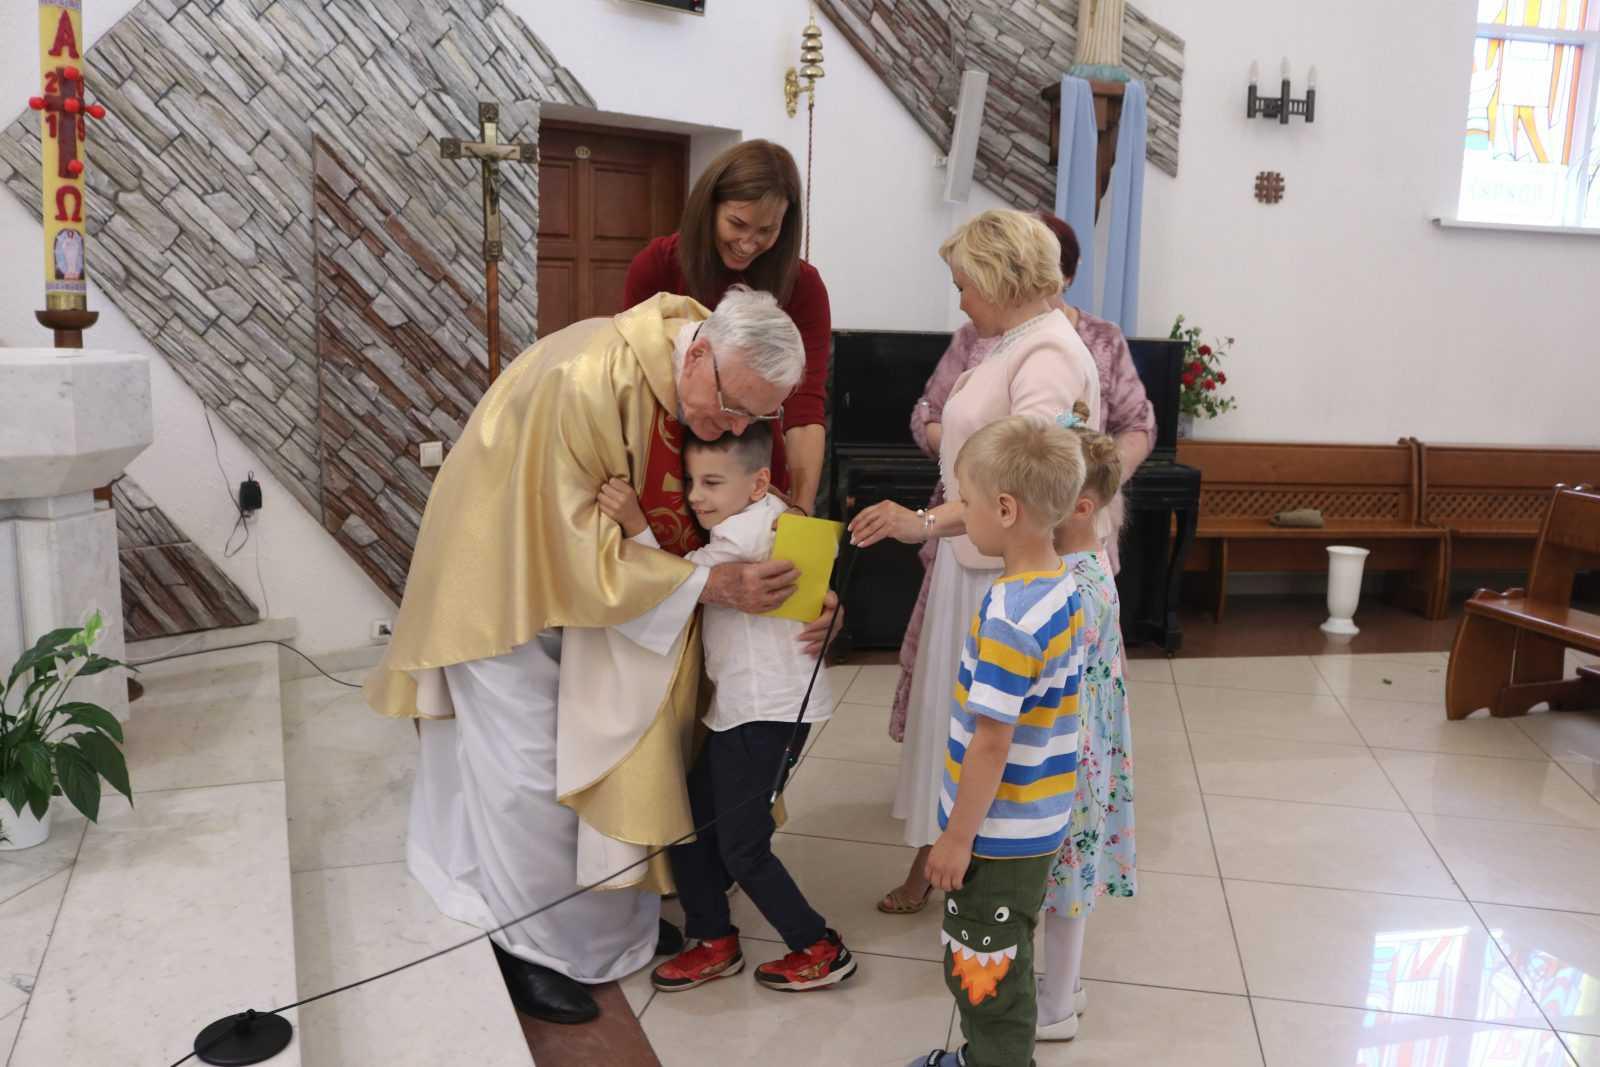 23 июня 2019 Влалыка Иосиф Верт посетил приход в Кемерово 10